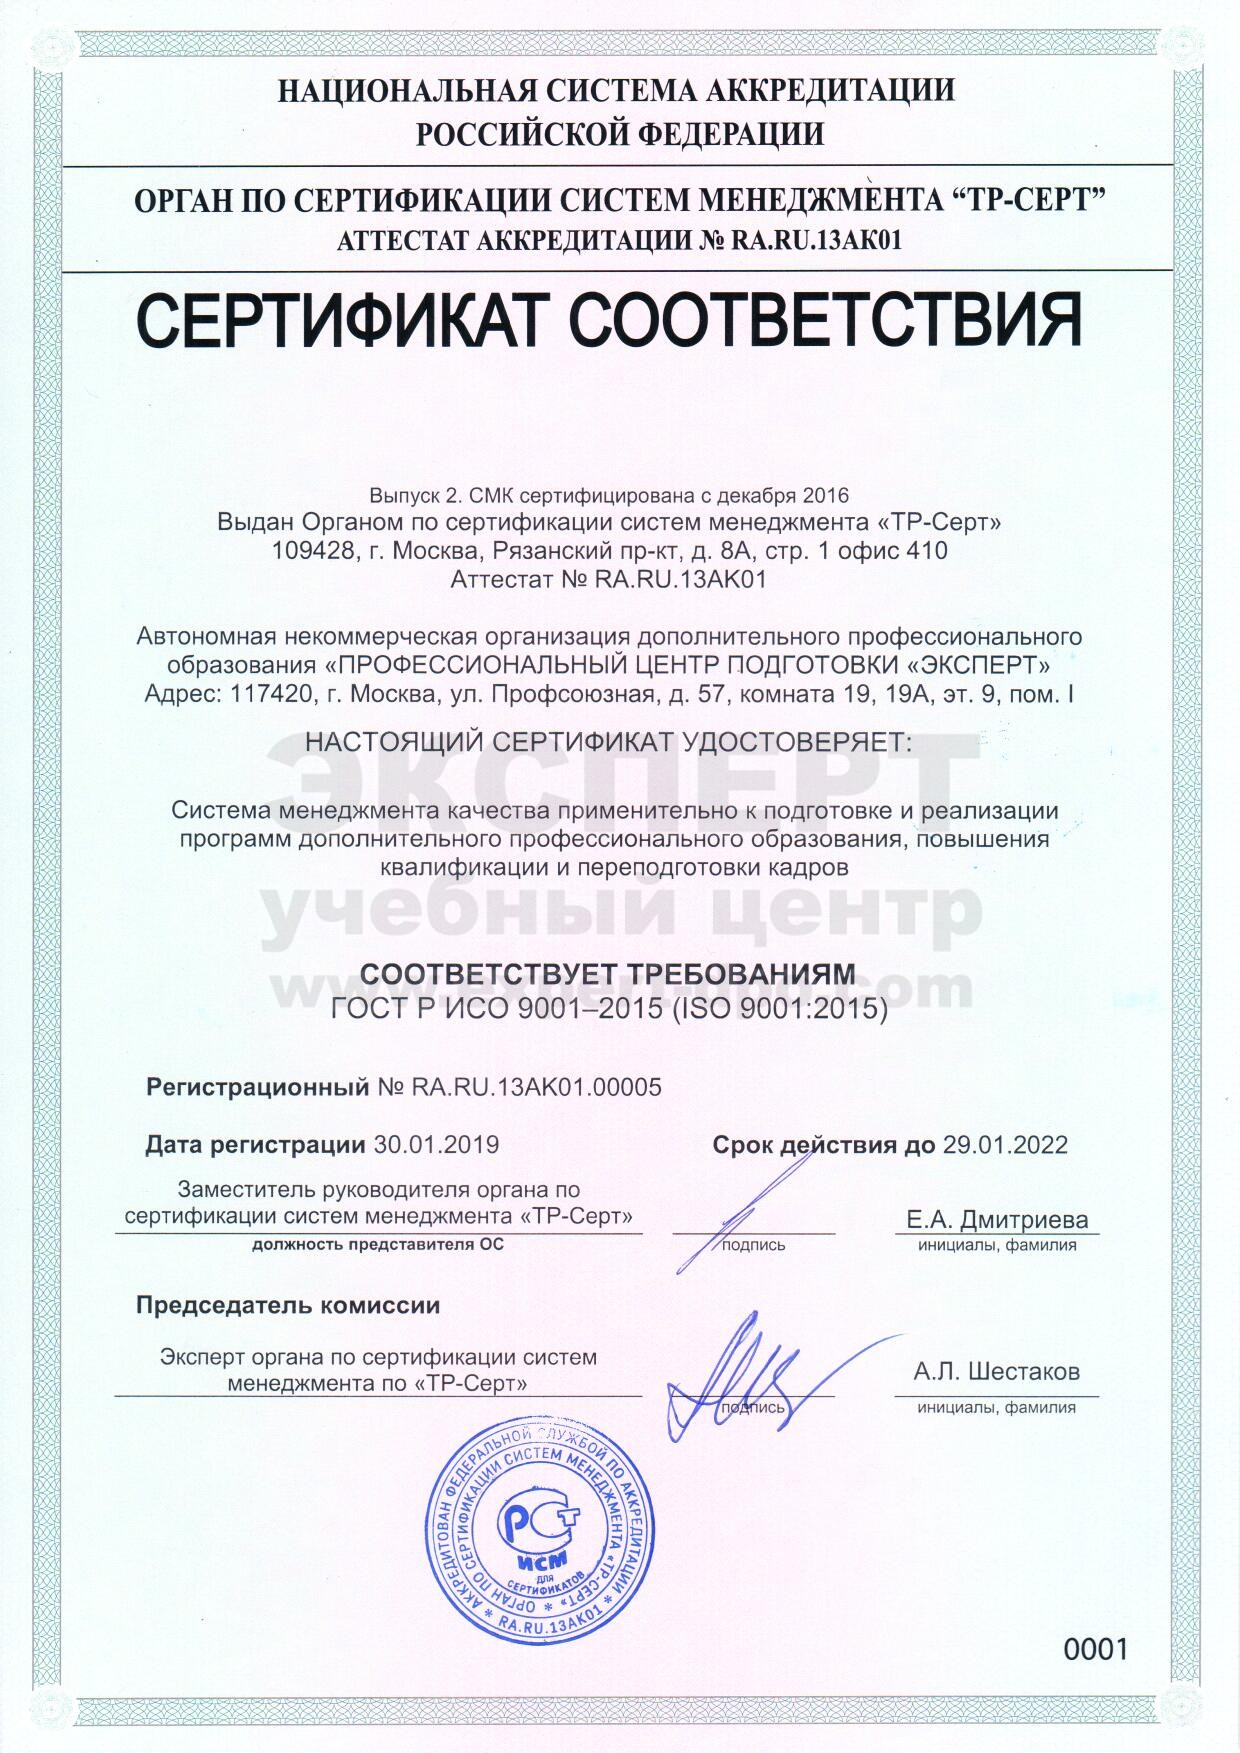 2015-10-07-svidetelstvo-o-prizn-komp-sto-gazprom-1